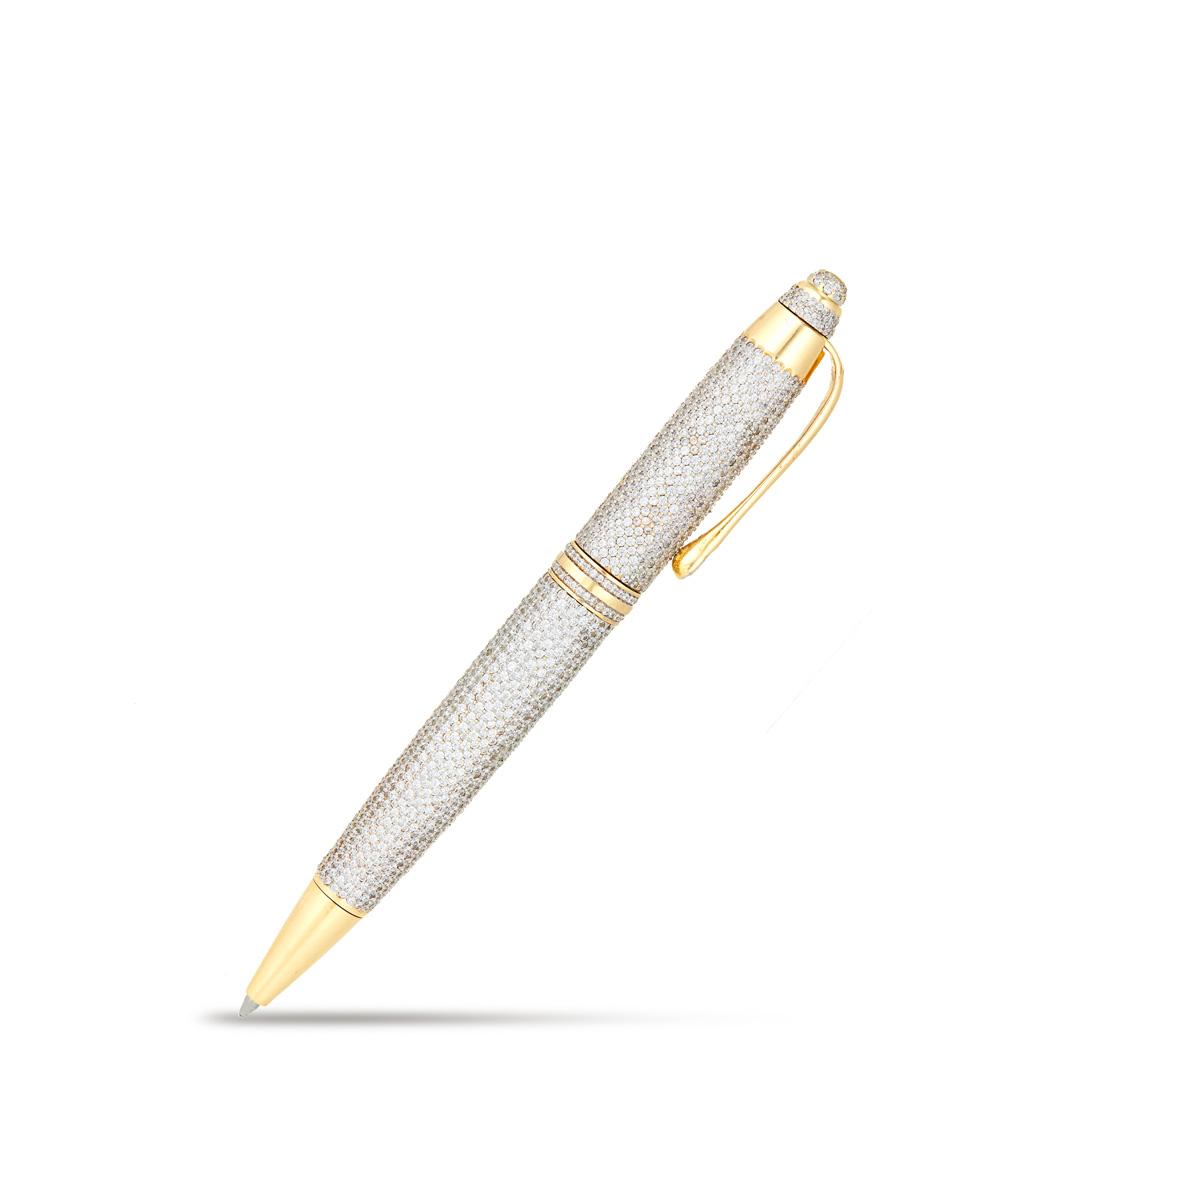 Glittering Golden Pen